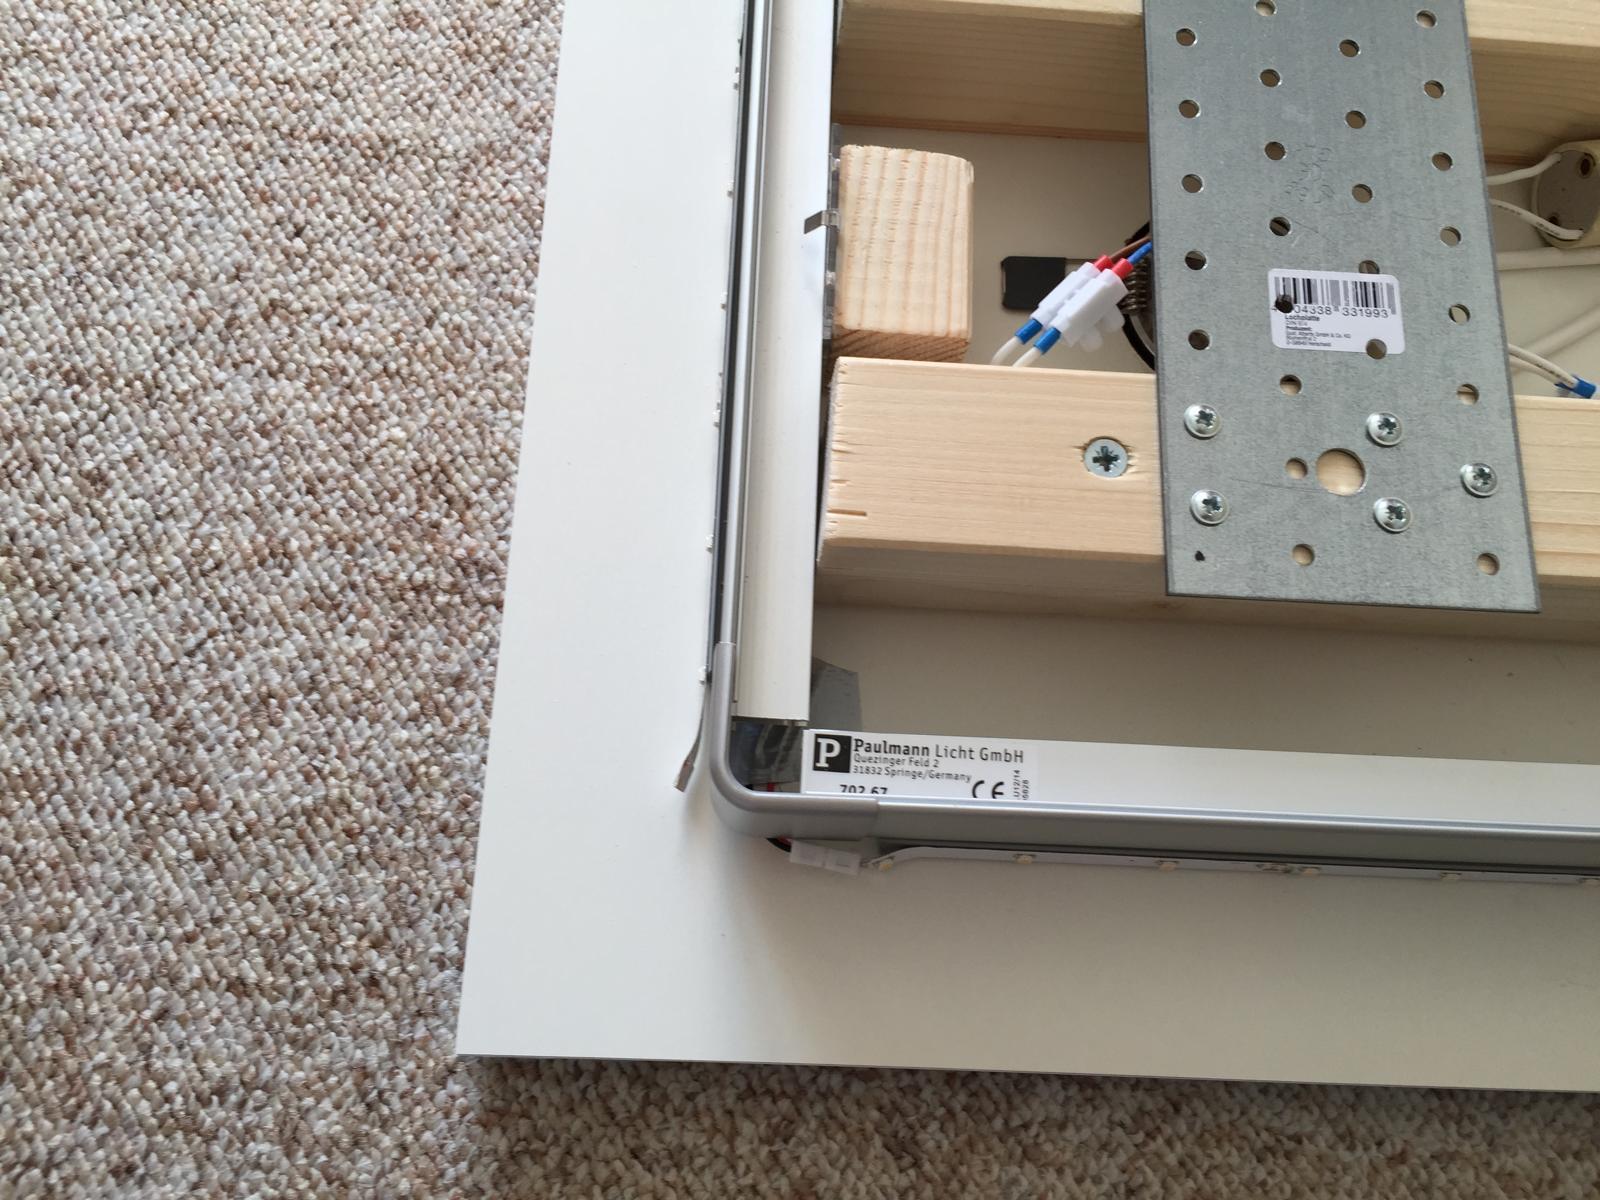 Full Size of Deckenlampe Selber Bauen Lampe Holz Led Lampen Anleitung Treibholz Deckenleuchte Machen Anleitungen Deckenlampen Aus Lego Holzbalken Selbst Einbauküche Wohnzimmer Deckenlampe Selber Bauen